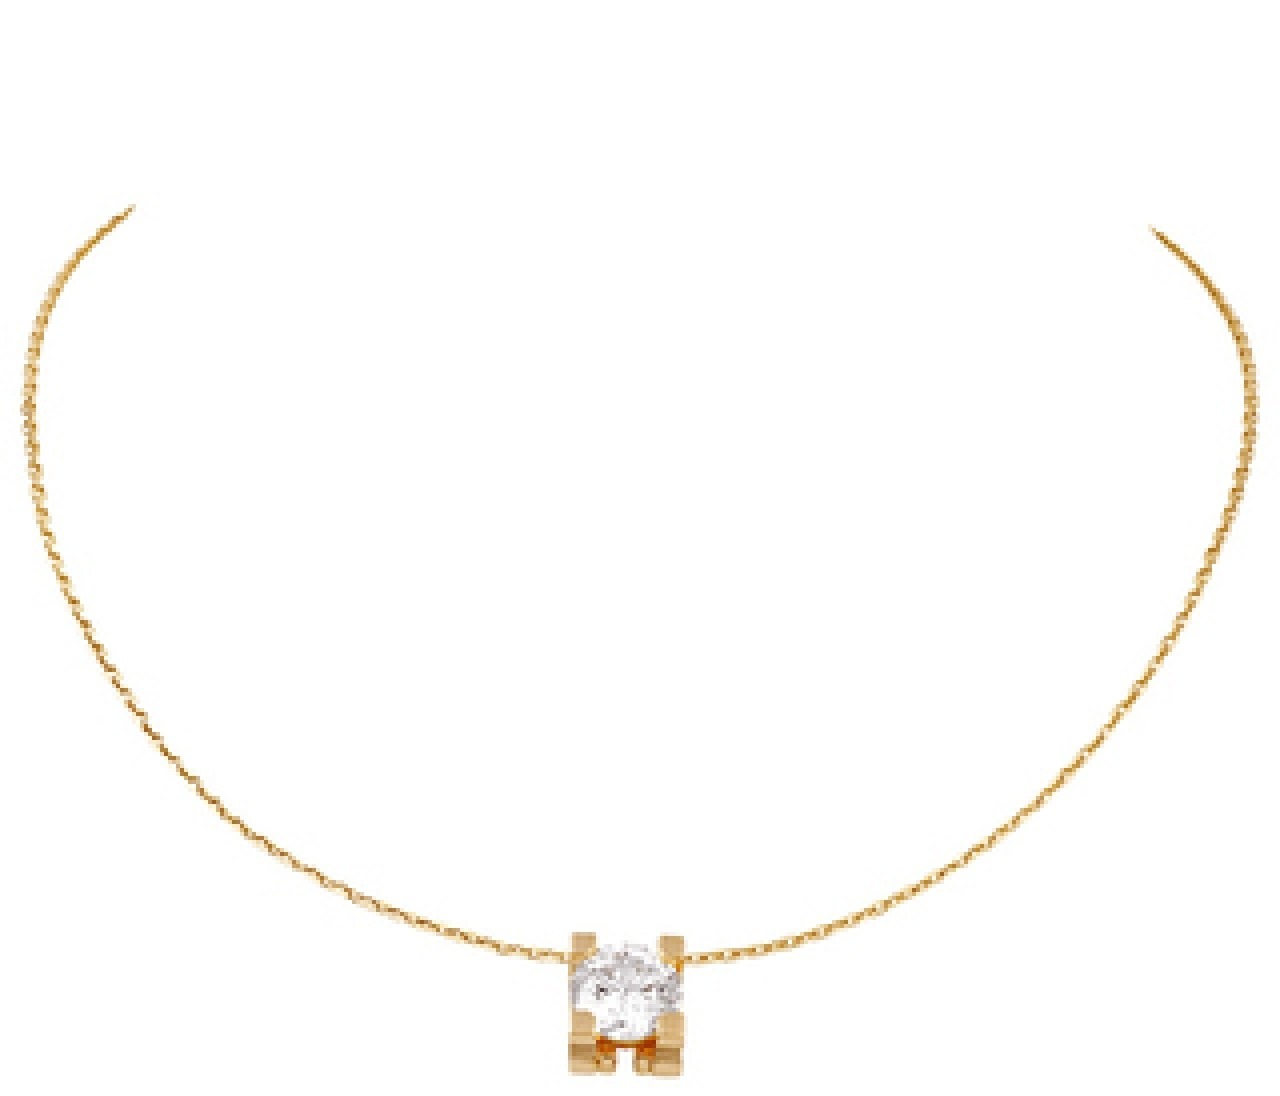 最強のお守り。一粒ダイヤモンドのジュエリー【30代からの名品・愛されブランドのタイムレスピース Vol.26】